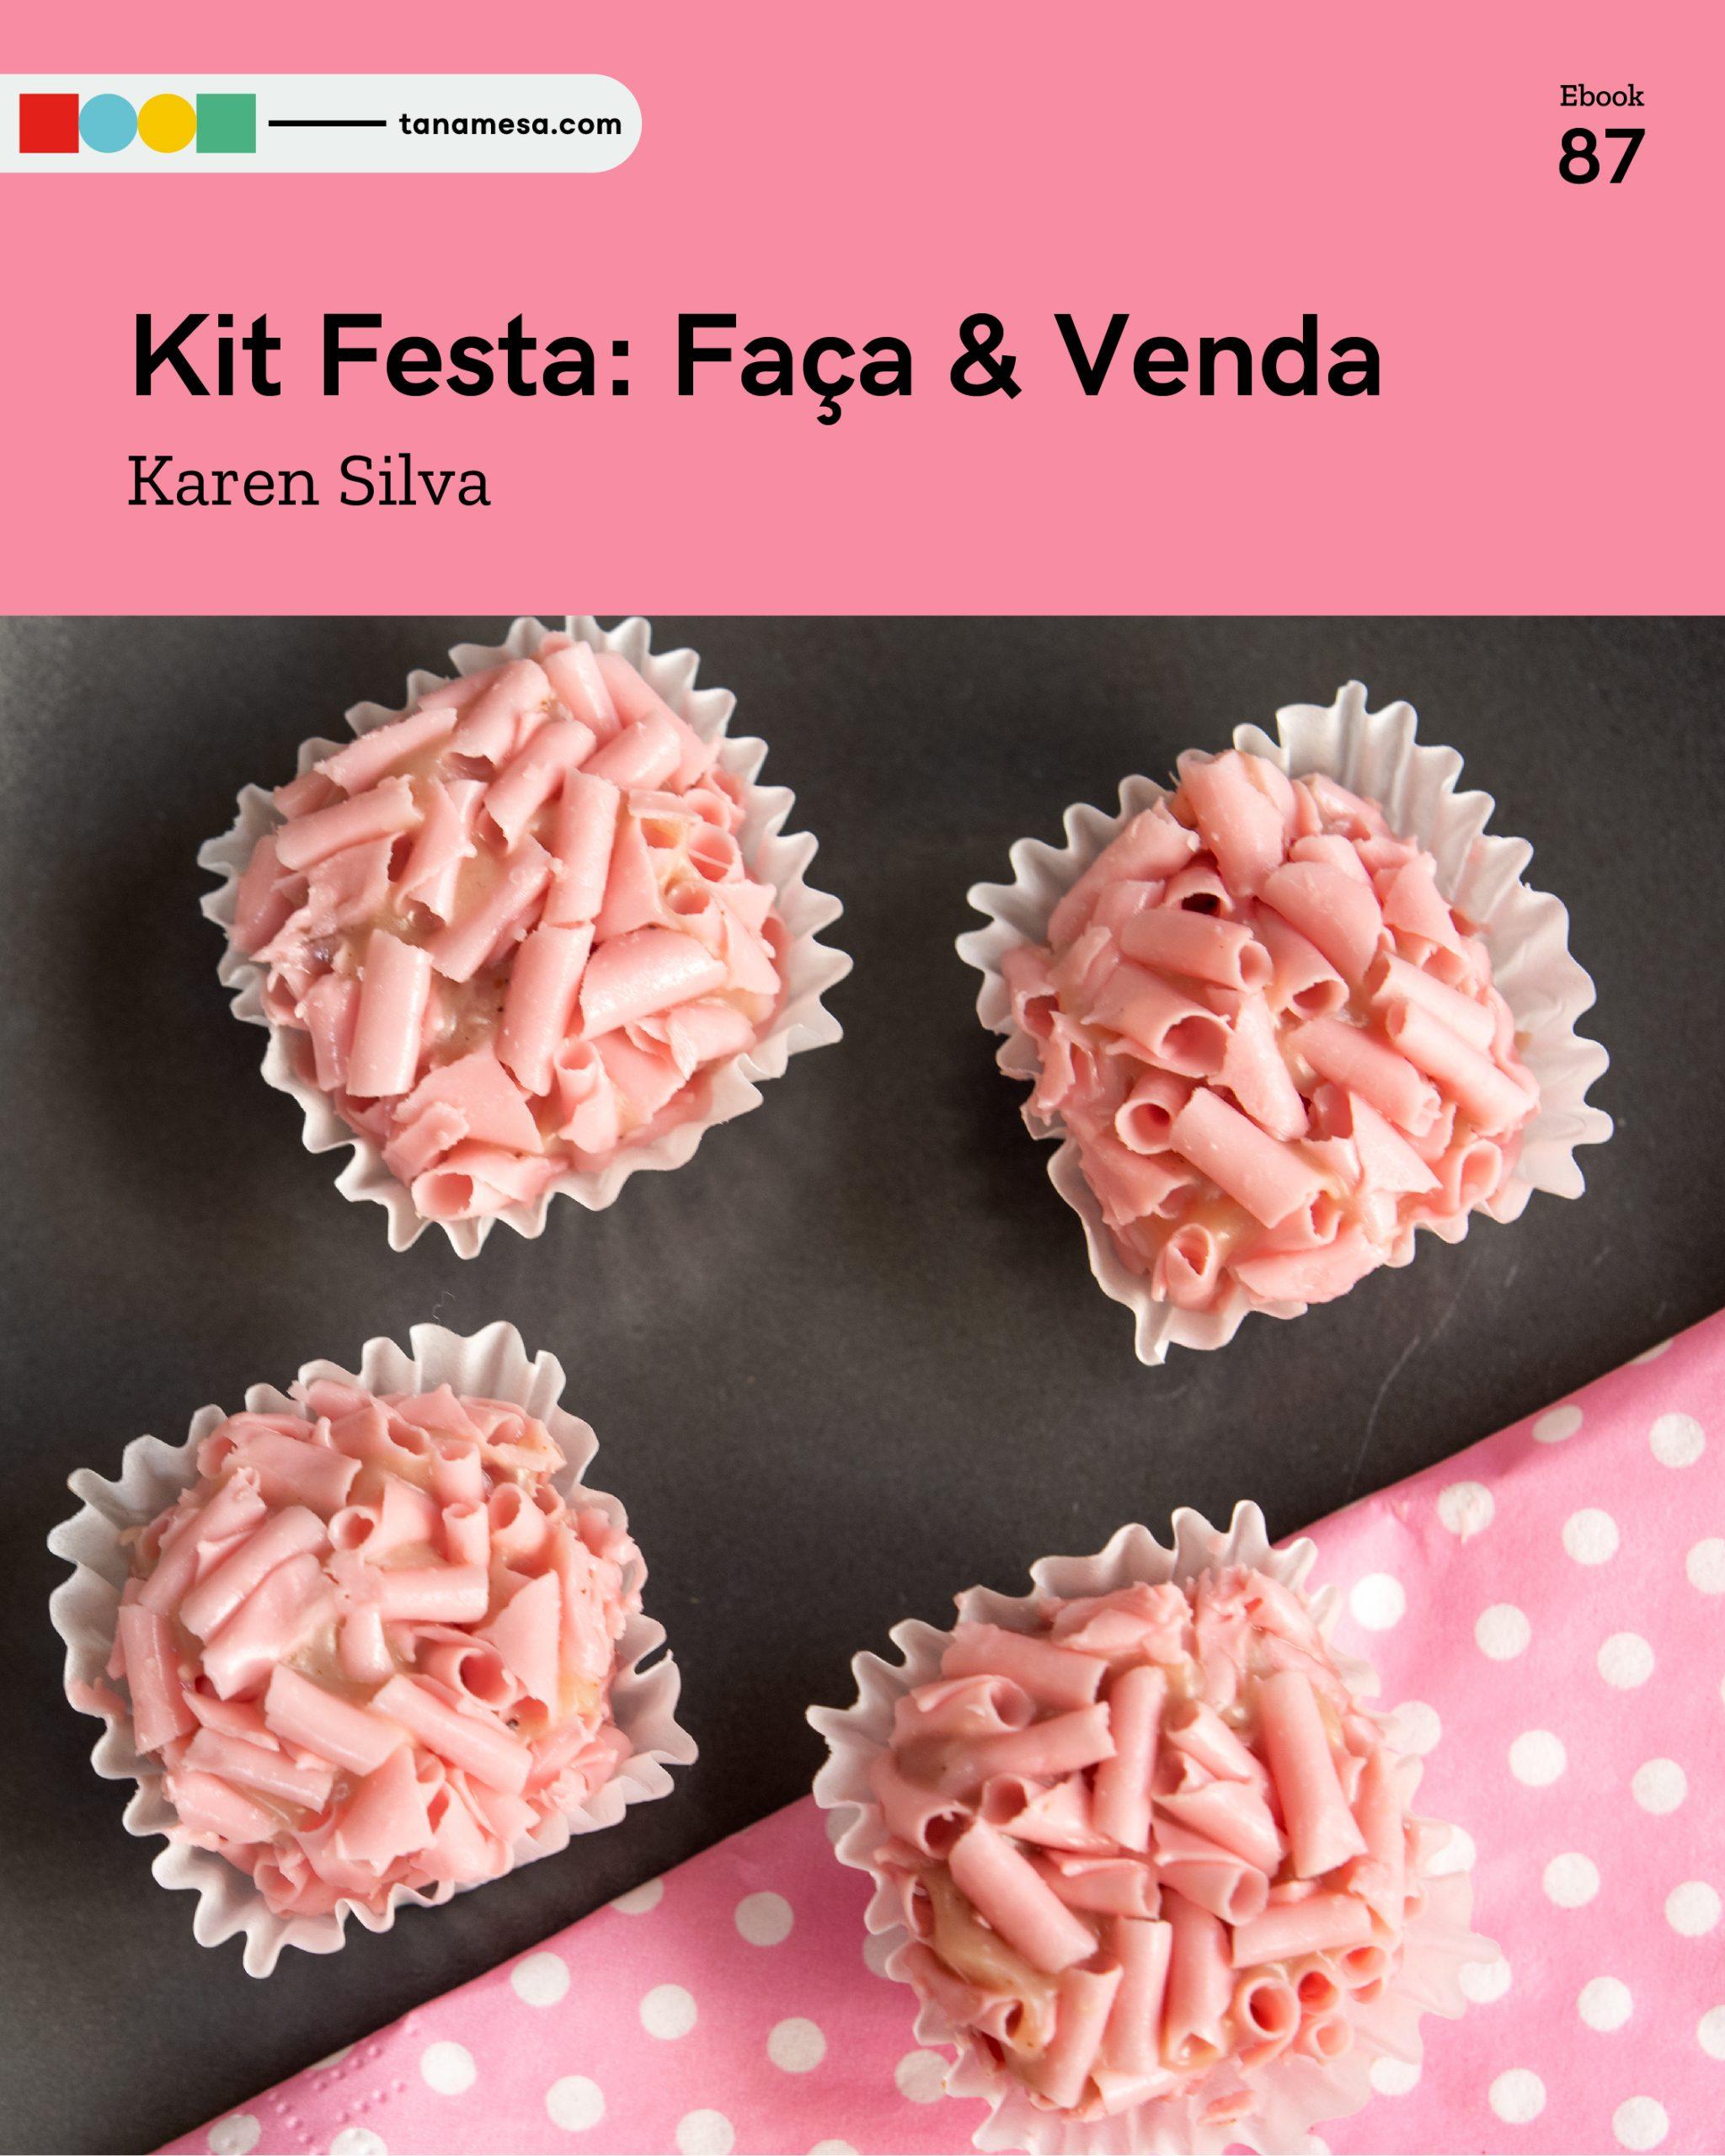 Kit Festa: Faça & Venda